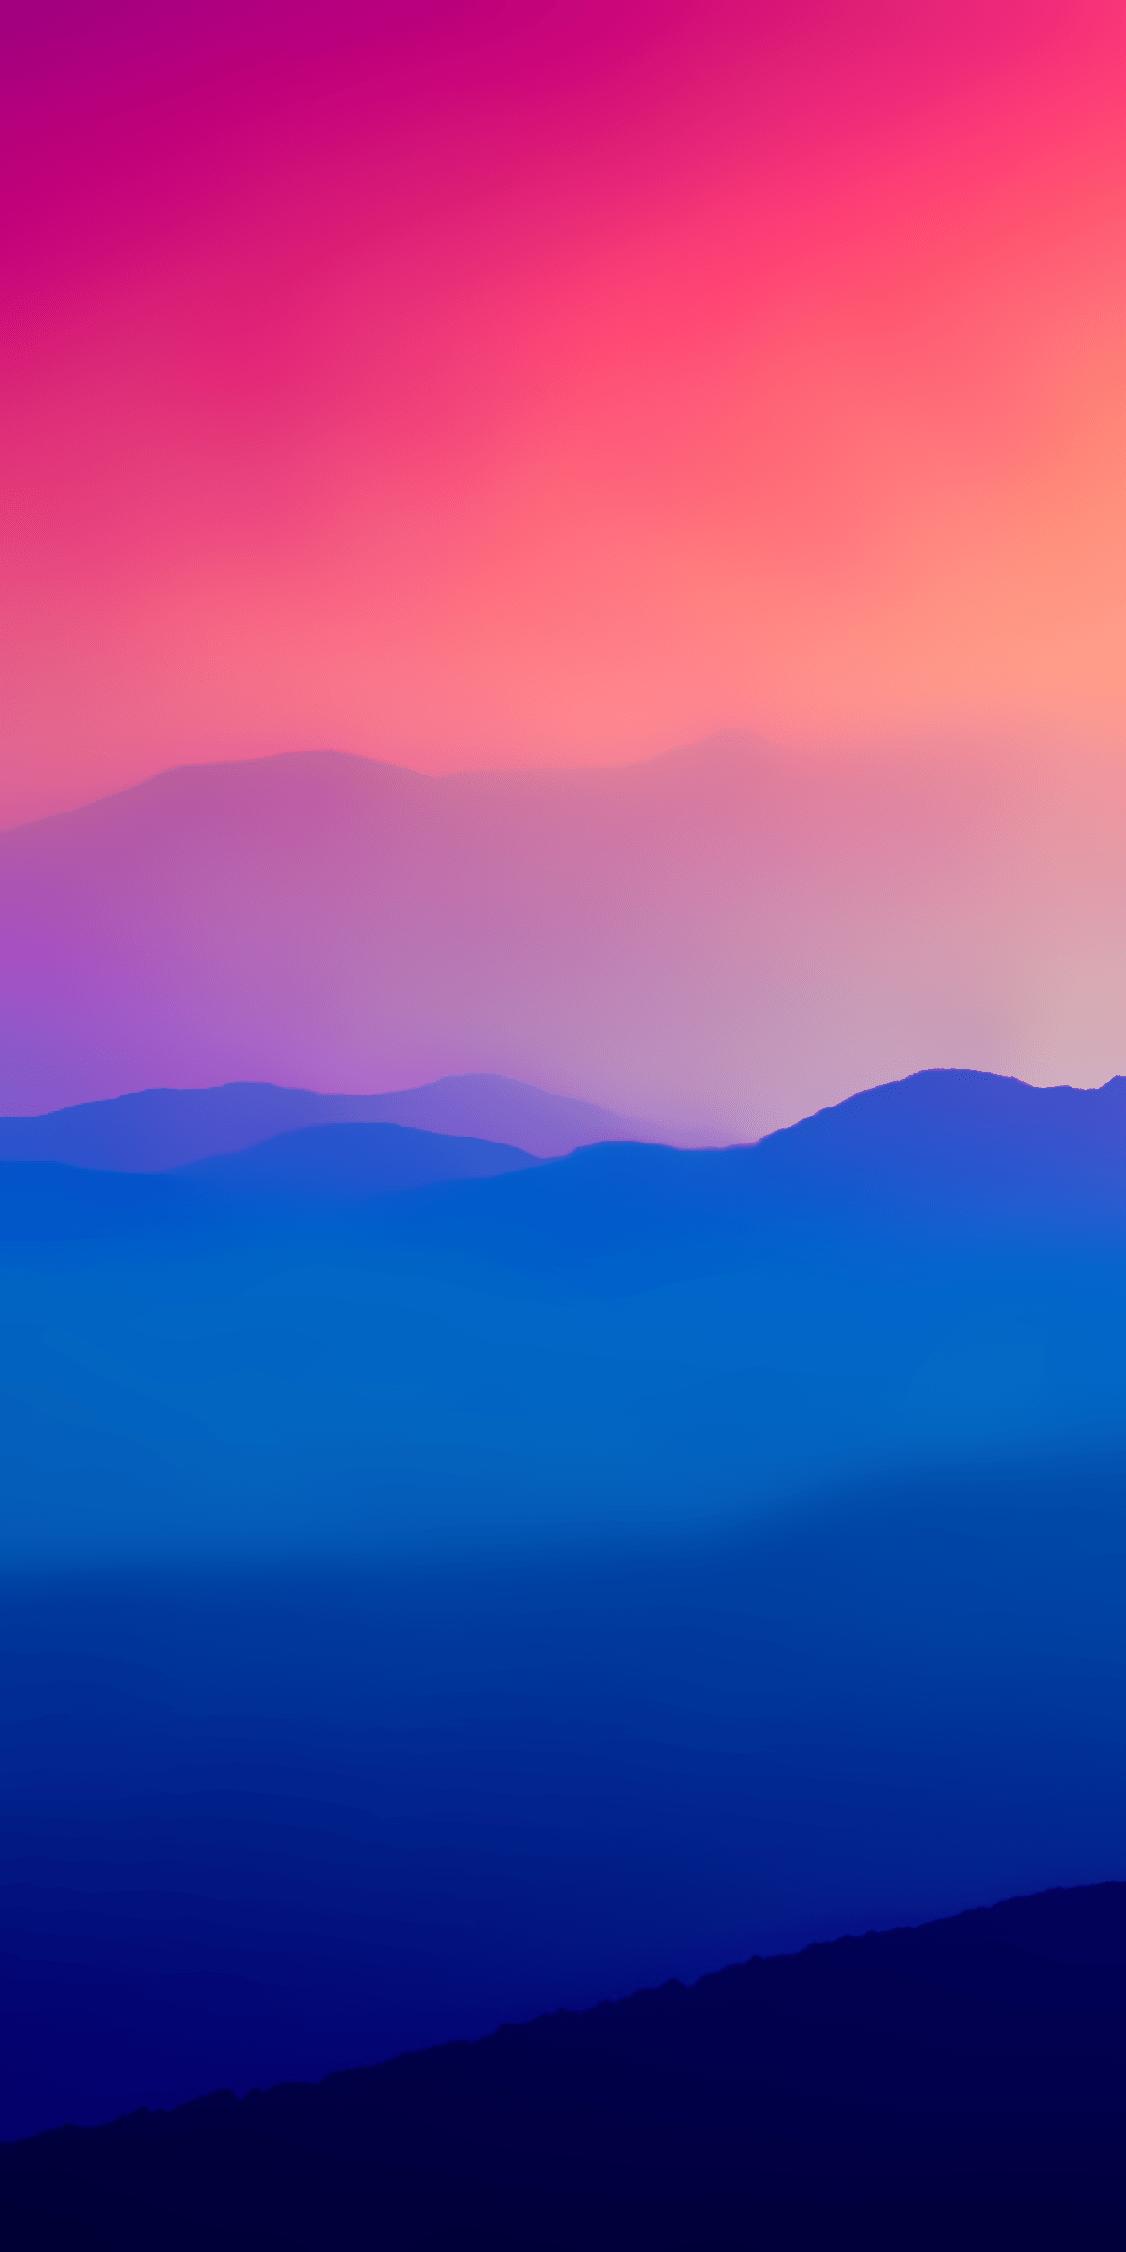 Xiaomi Mi Mix 3 Wallpapers Wallpaper Cave